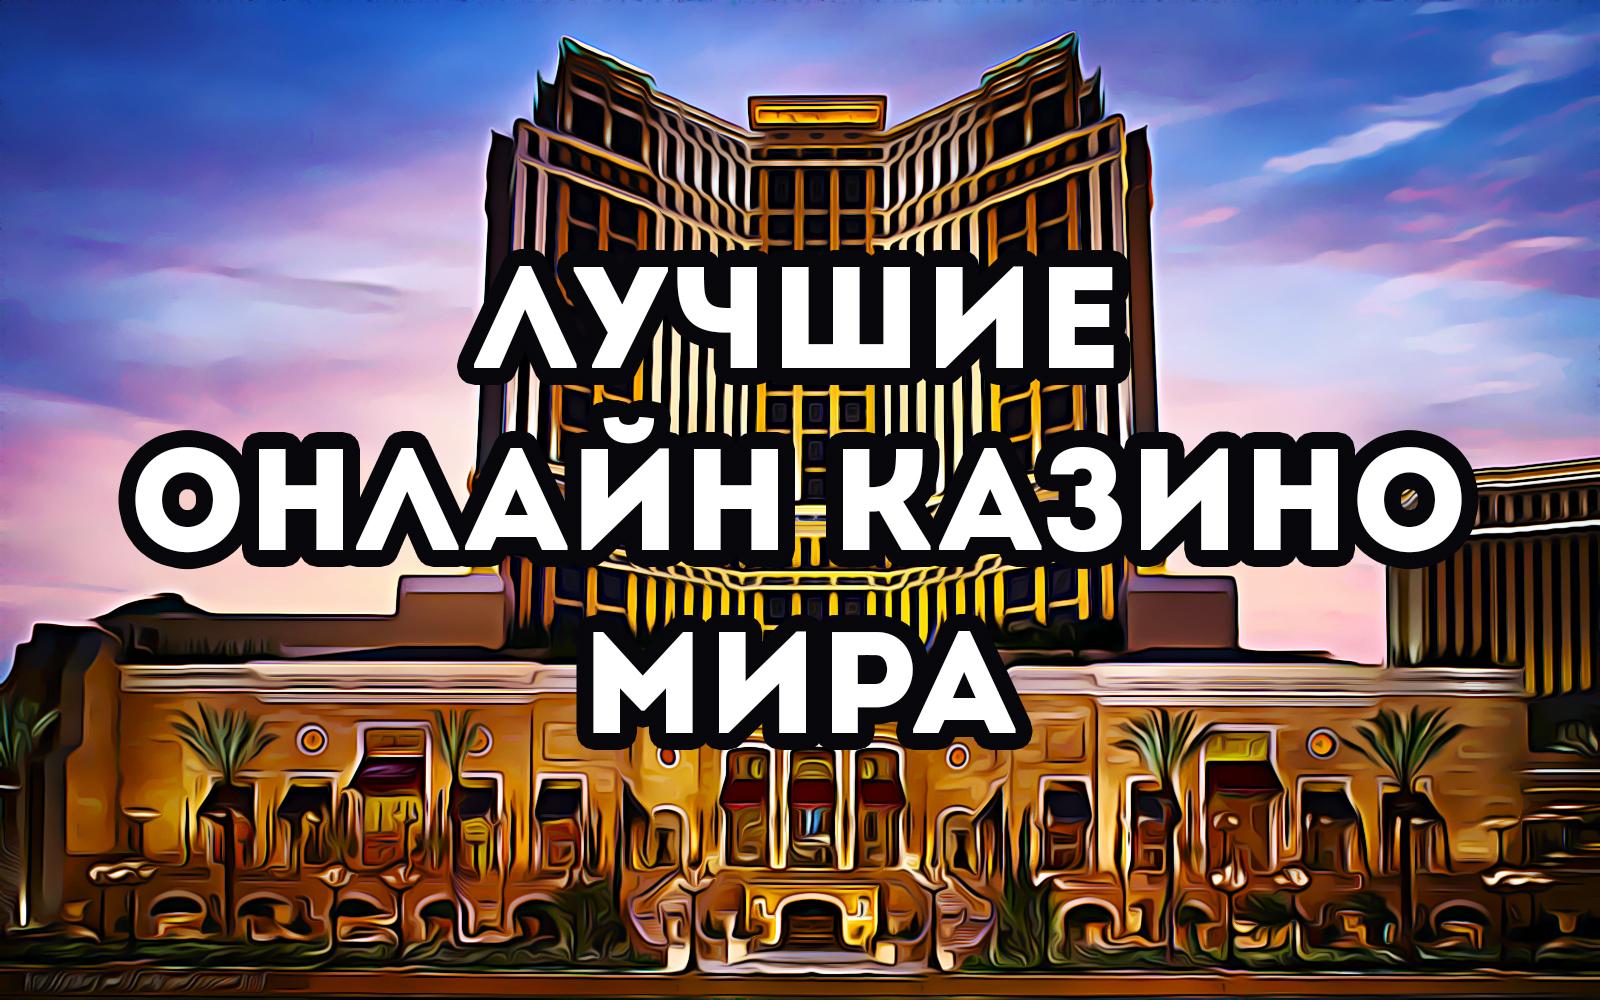 Игровые автоматы tlbysq rjitktr